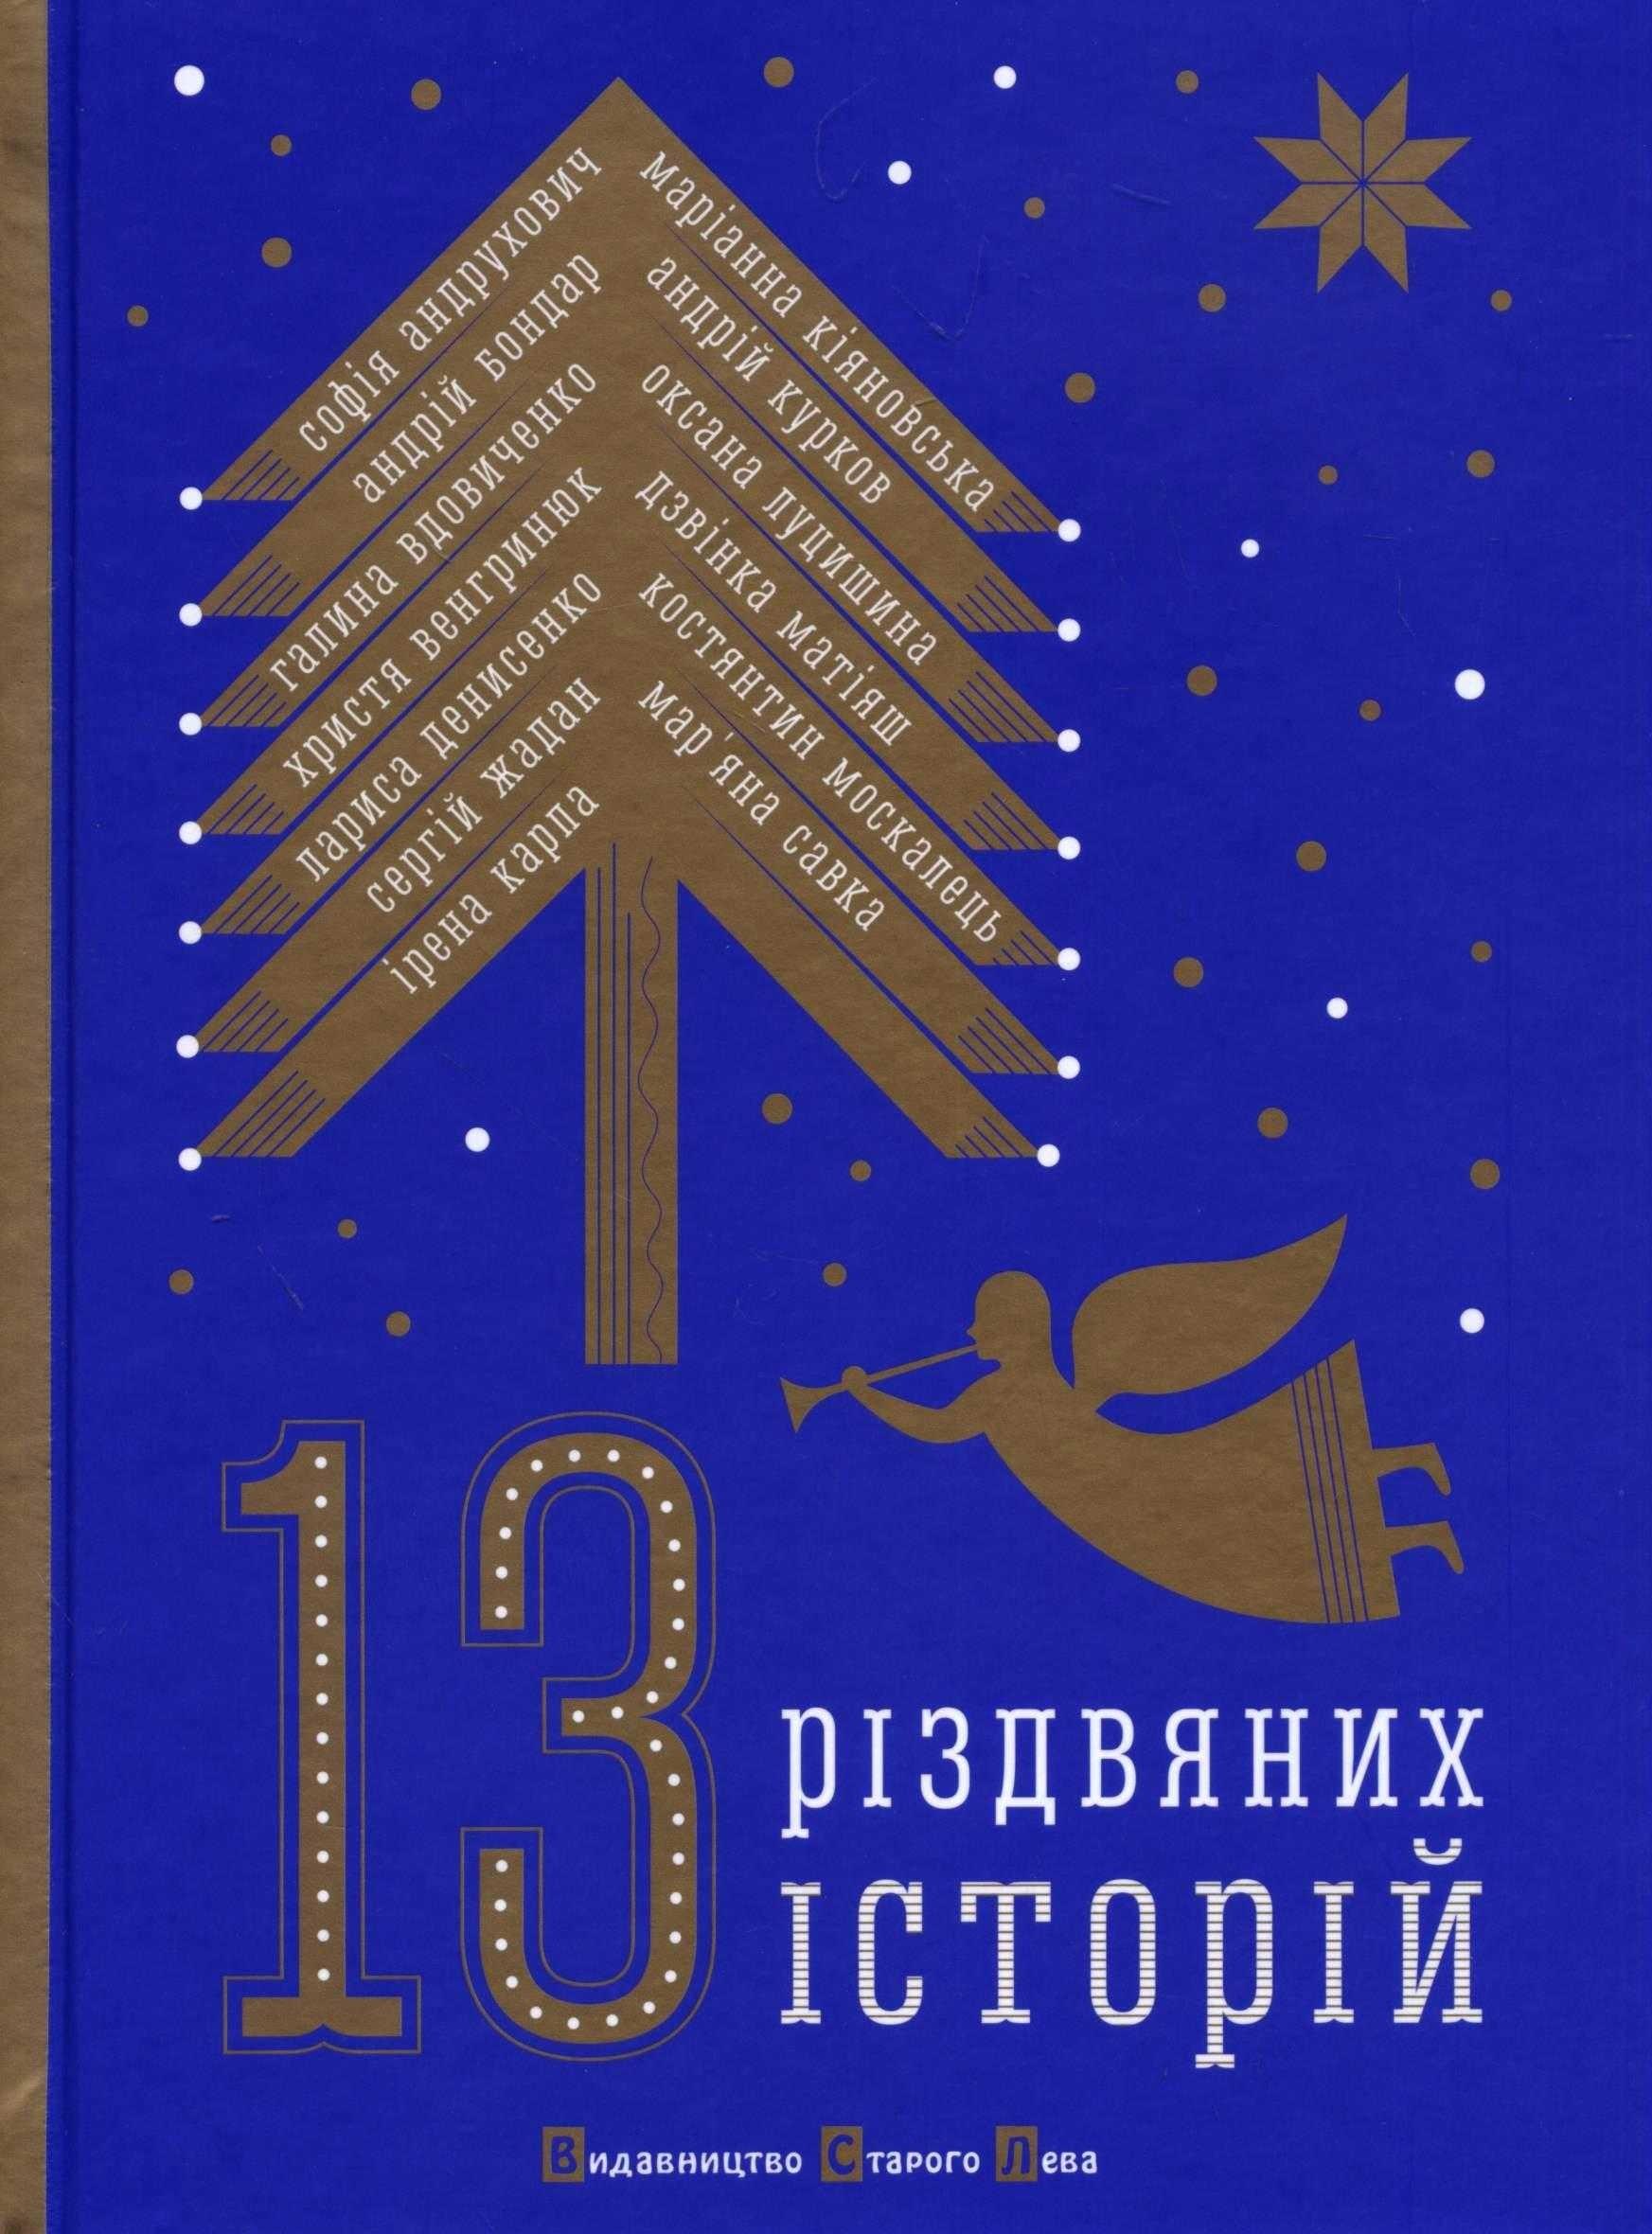 13 різдвяних історій  by  Ірена Карпа